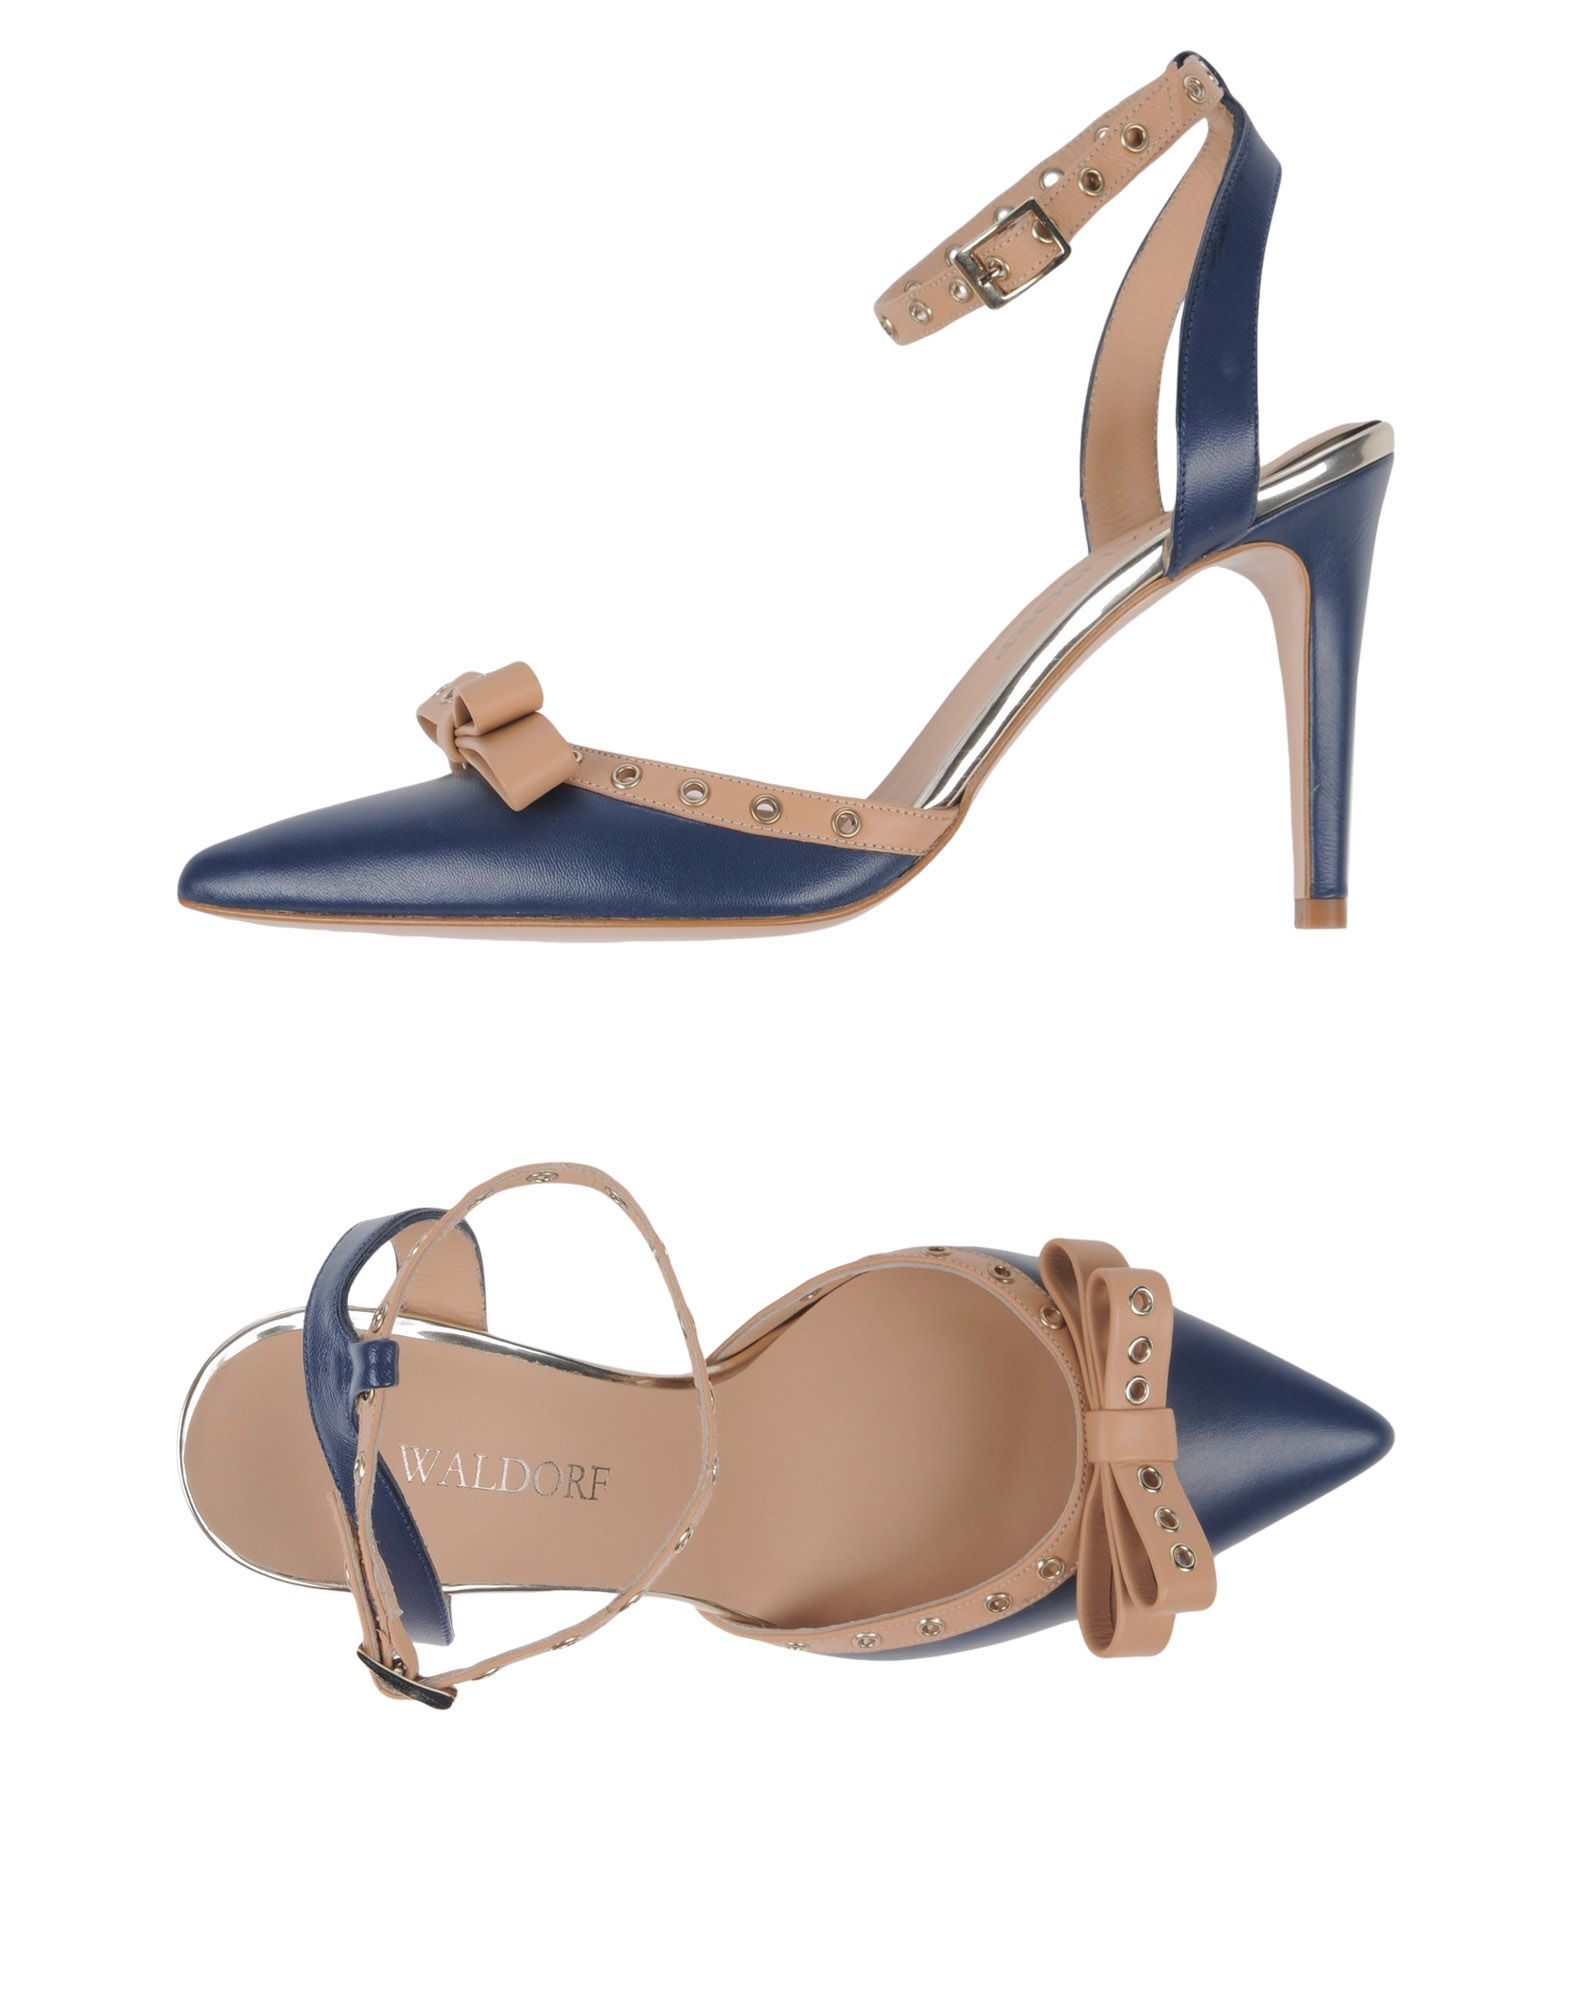 C.Waldorf Pumps Damen  11463418NS Gute Qualität beliebte Schuhe Schuhe Schuhe bb45f4